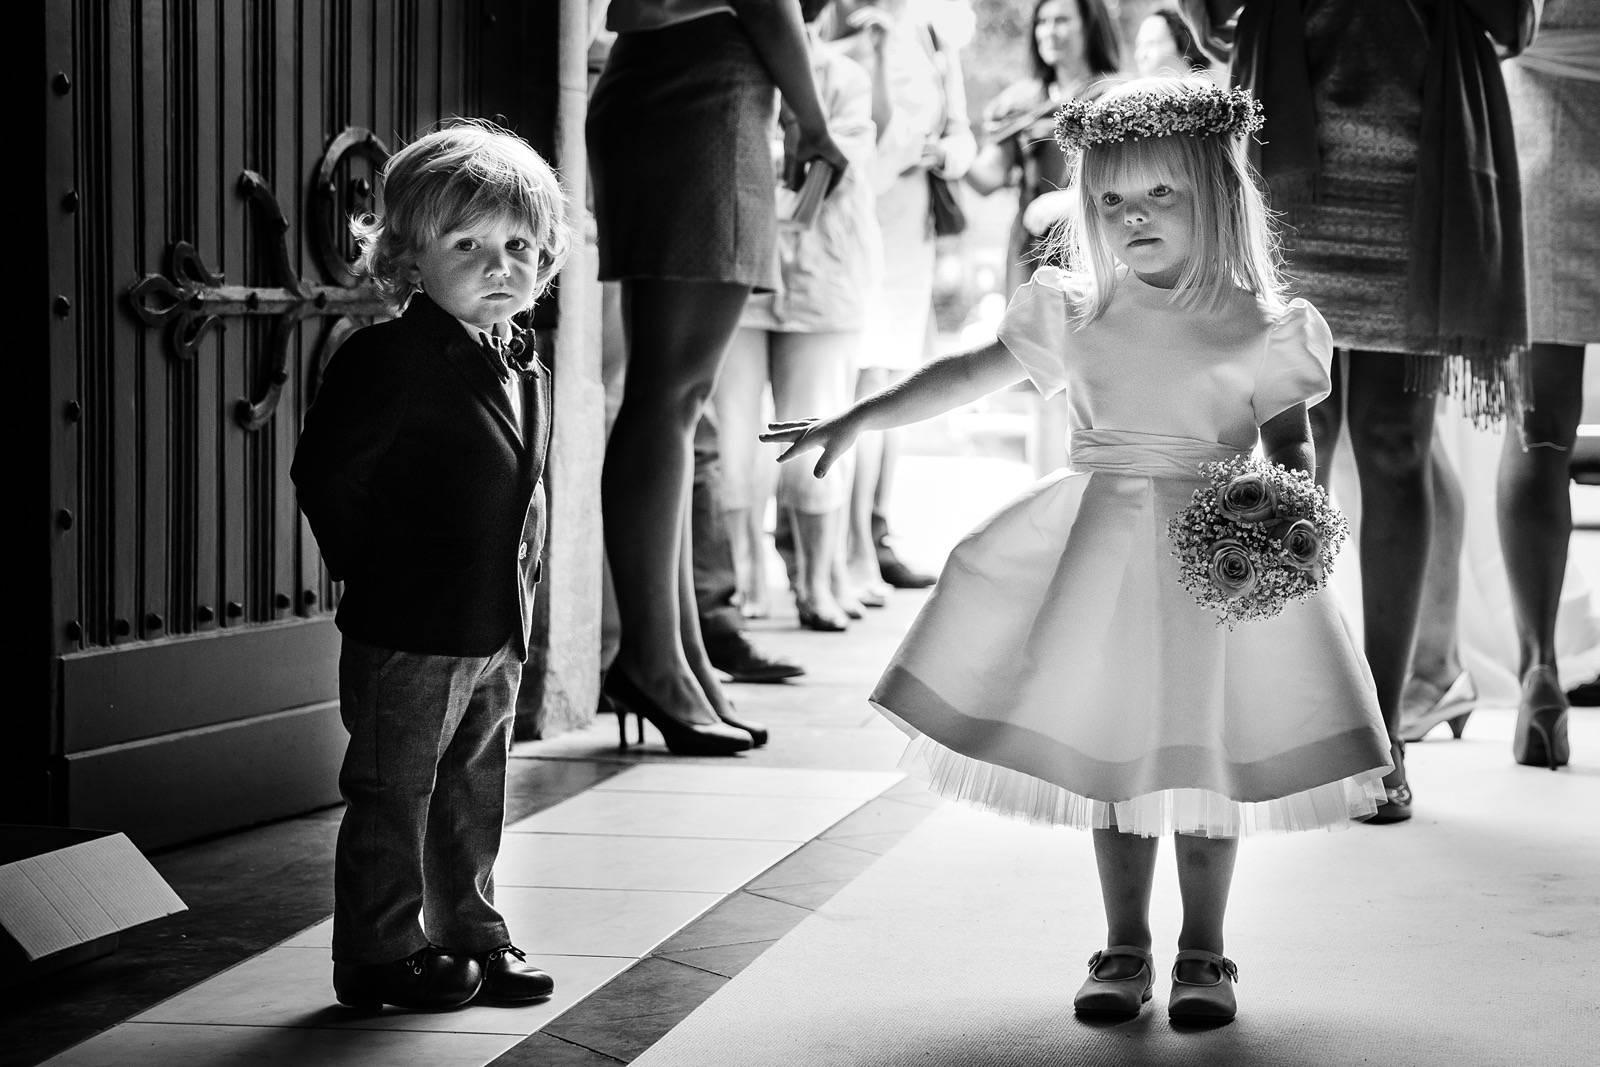 Yves Schepers Photography - Fotograaf - Huwelijksfotograaf - Trouwfotograaf - Bruidsfotograaf - House of Weddings - 12